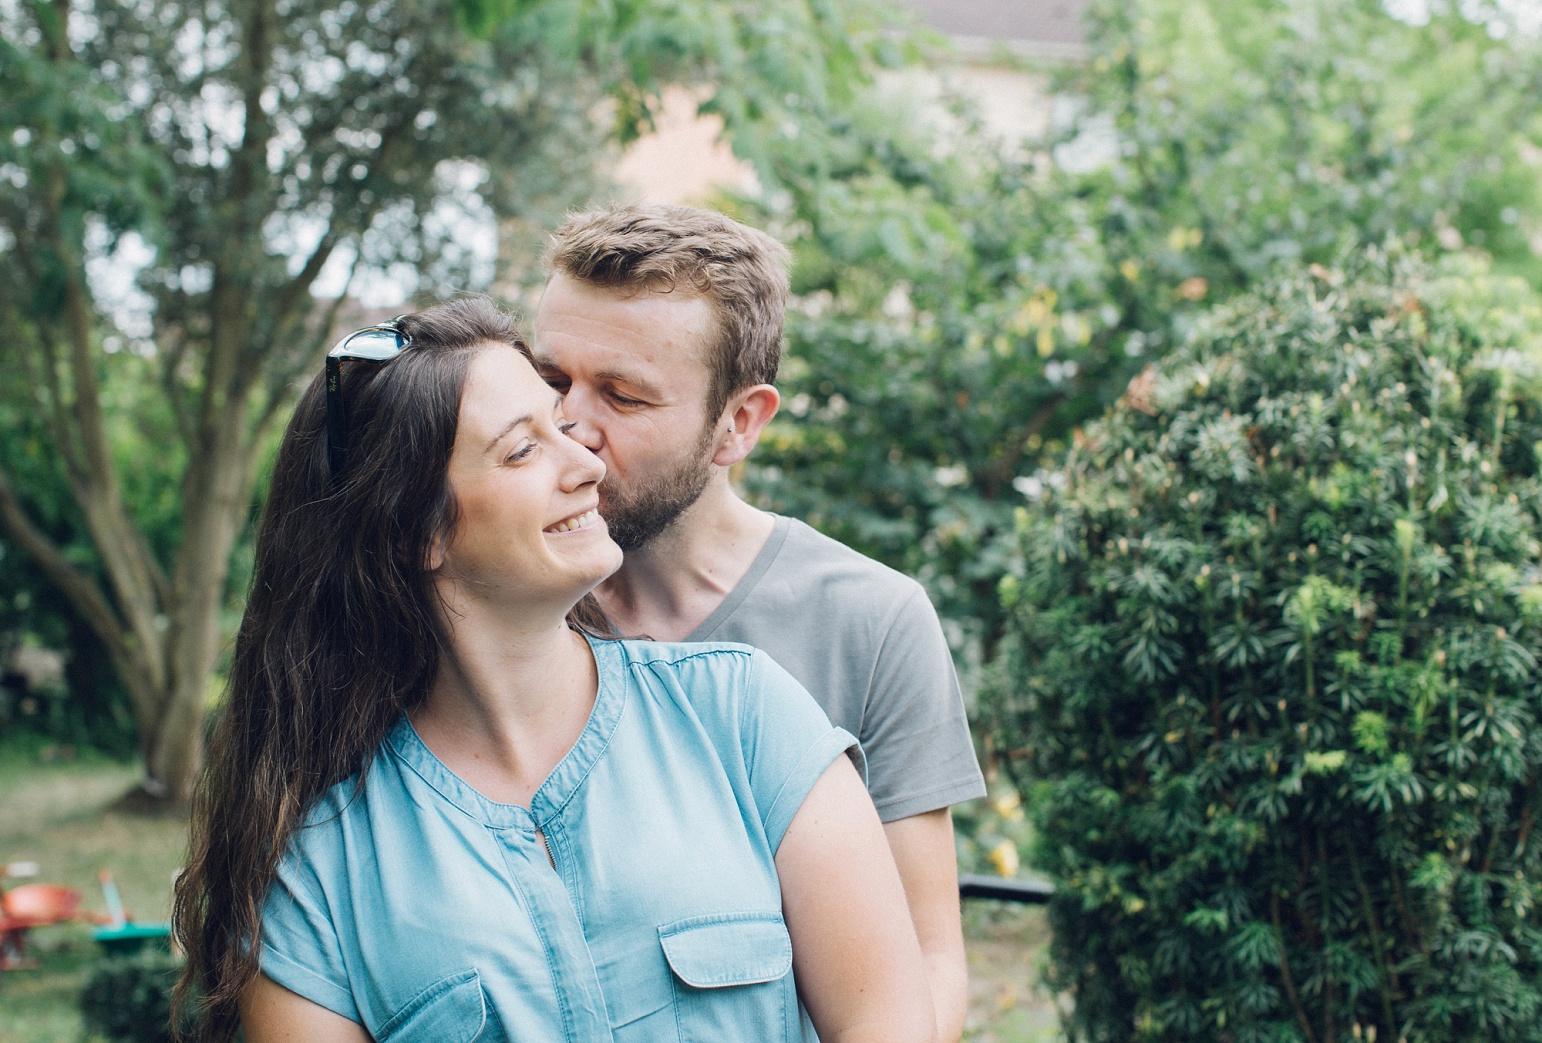 katerynaphotos-mariage-photographe-paysdelaloire-lemans-sarthe-sud_0727.jpg